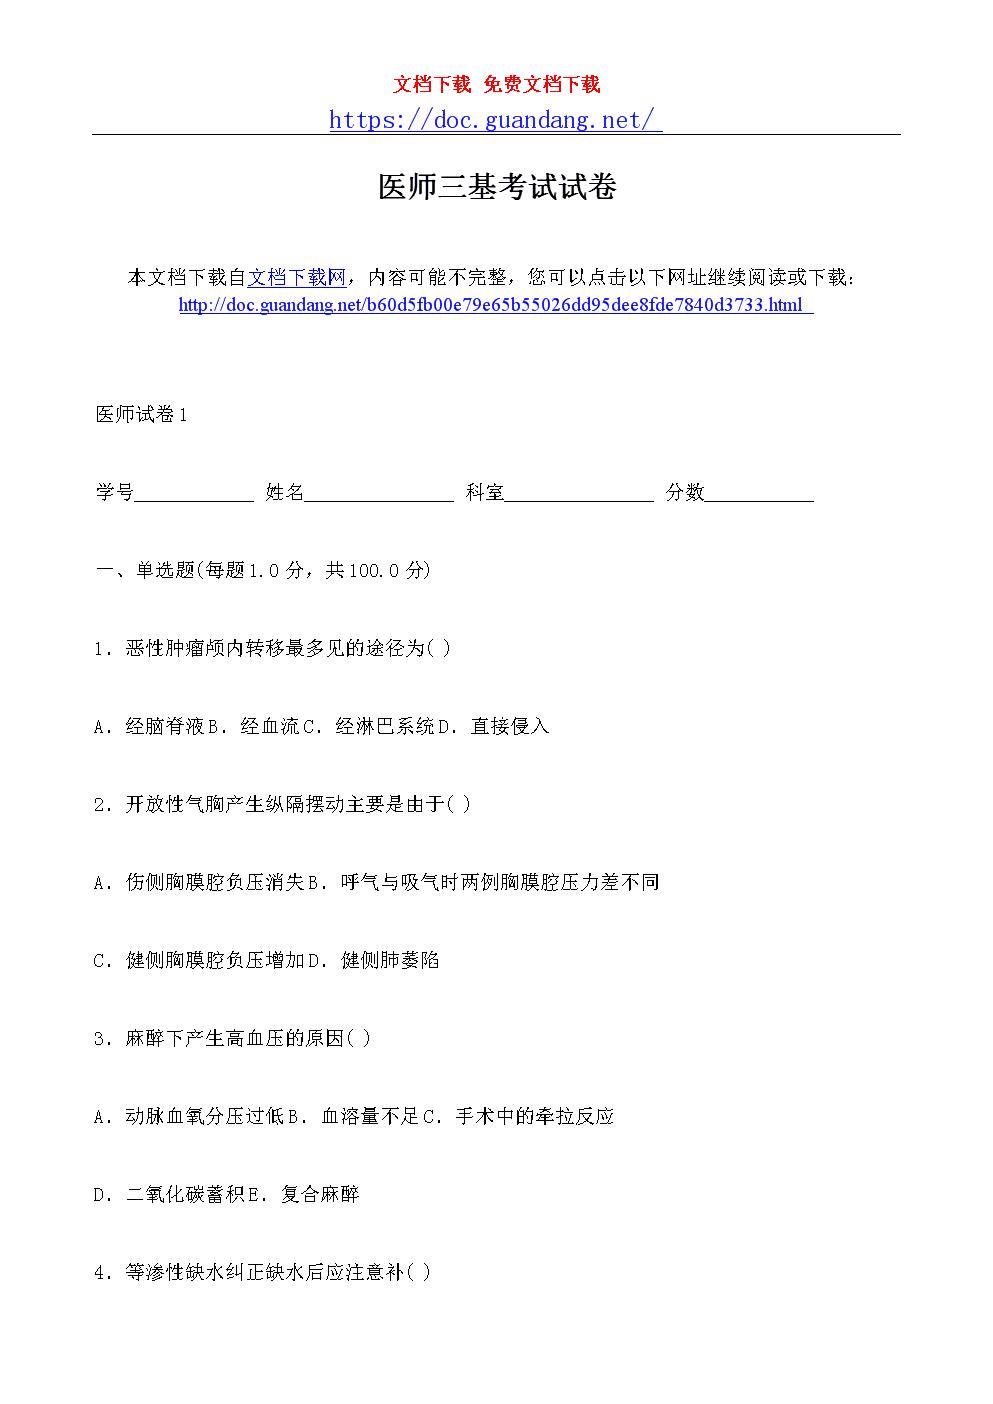 医师三基考试试卷.doc